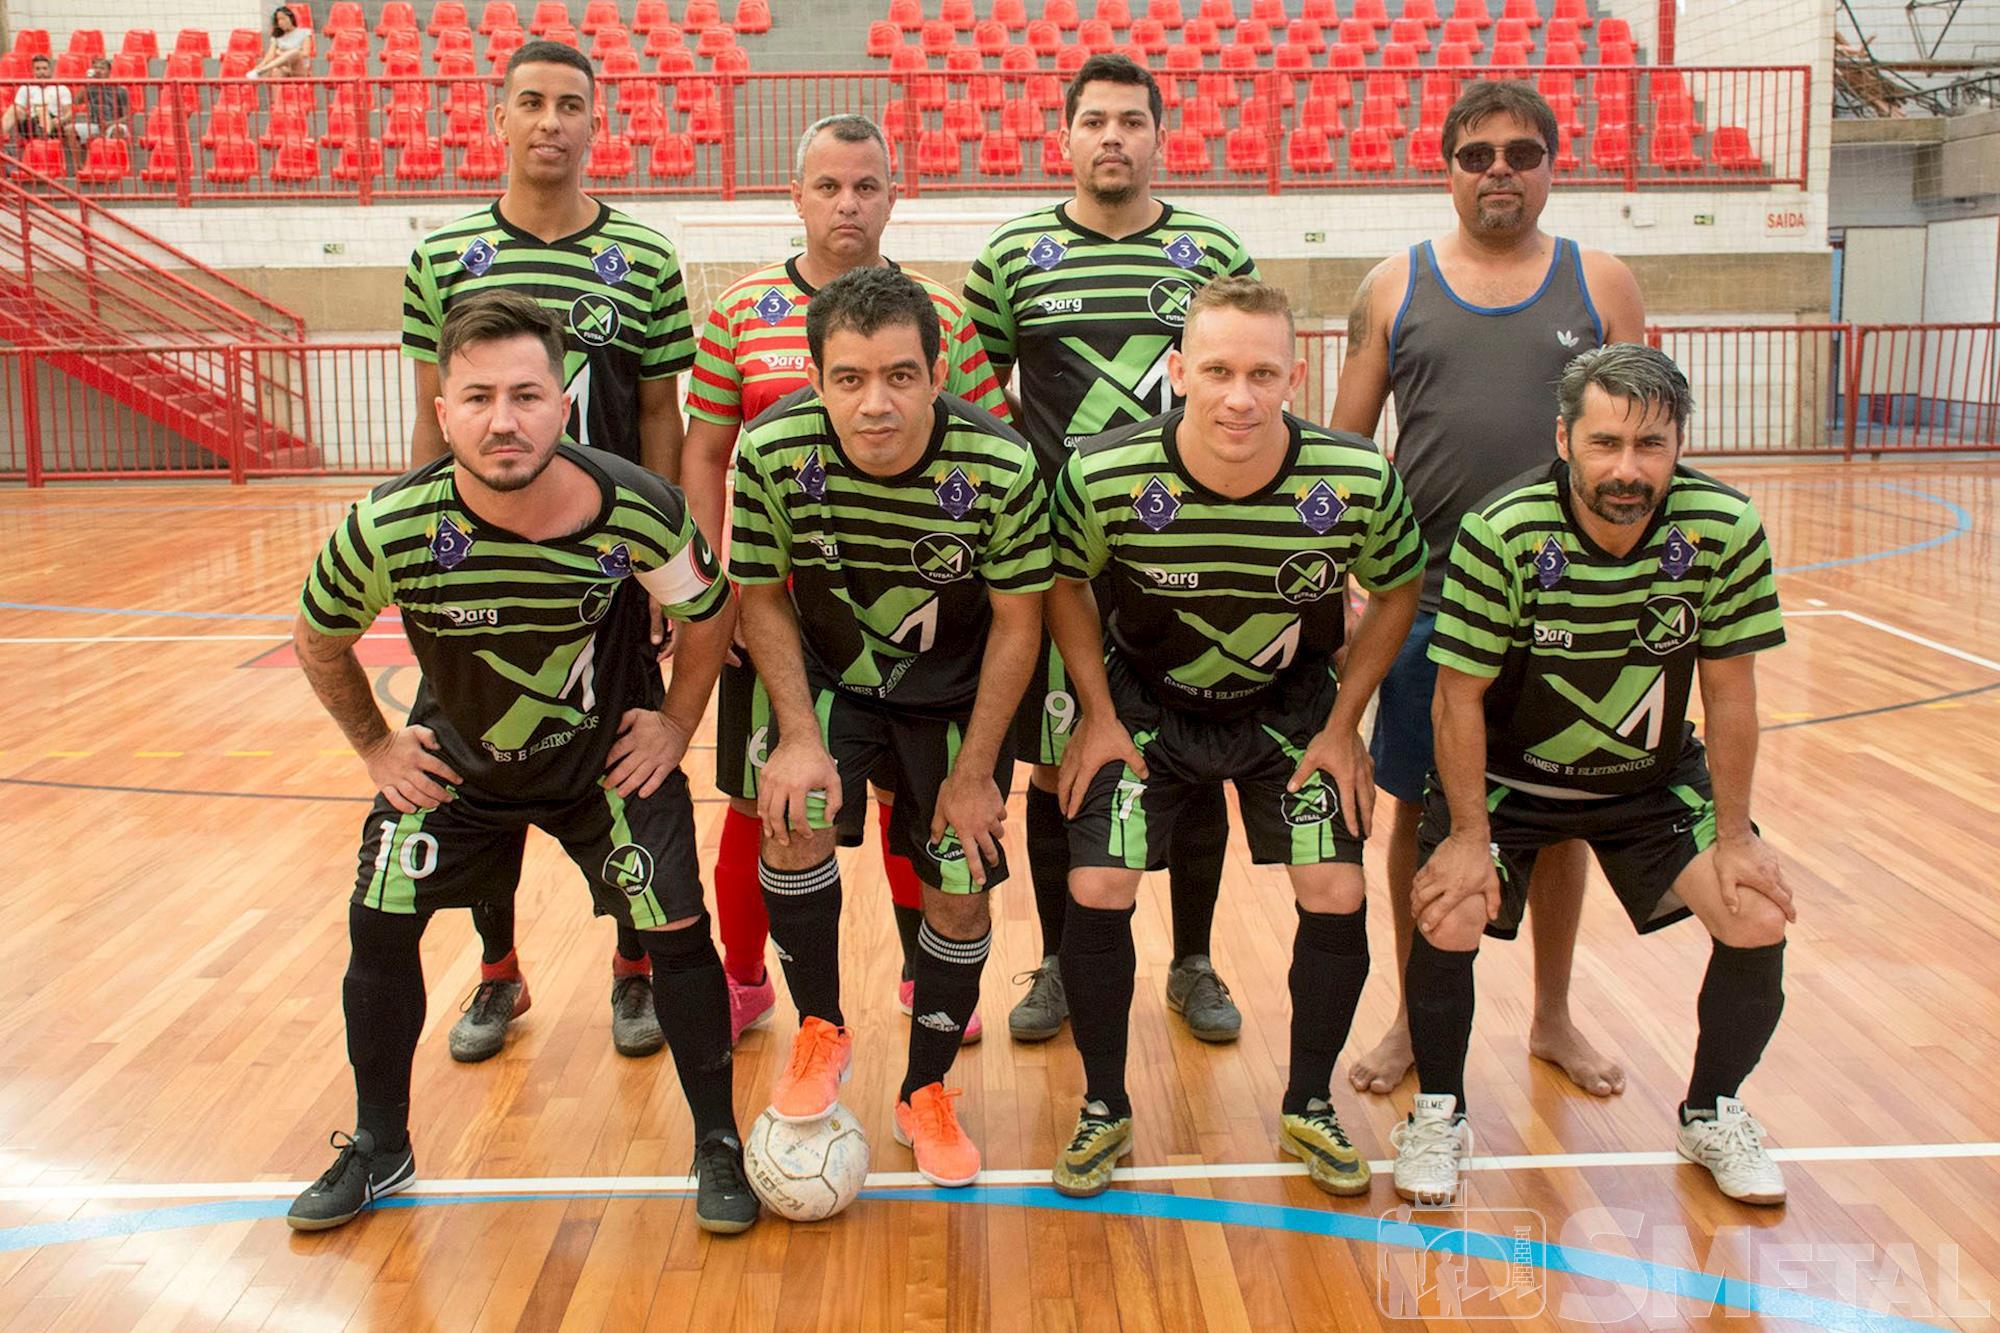 Quinta rodada da Taça Papagaio de Futsal do SMetal, futsal,  papagaio,  torneio,  taça,  smetal,  jogo, Foguinho/Imprensa SMetal, Confira como foi a quinta rodada da Taça Papagaio de Futsal